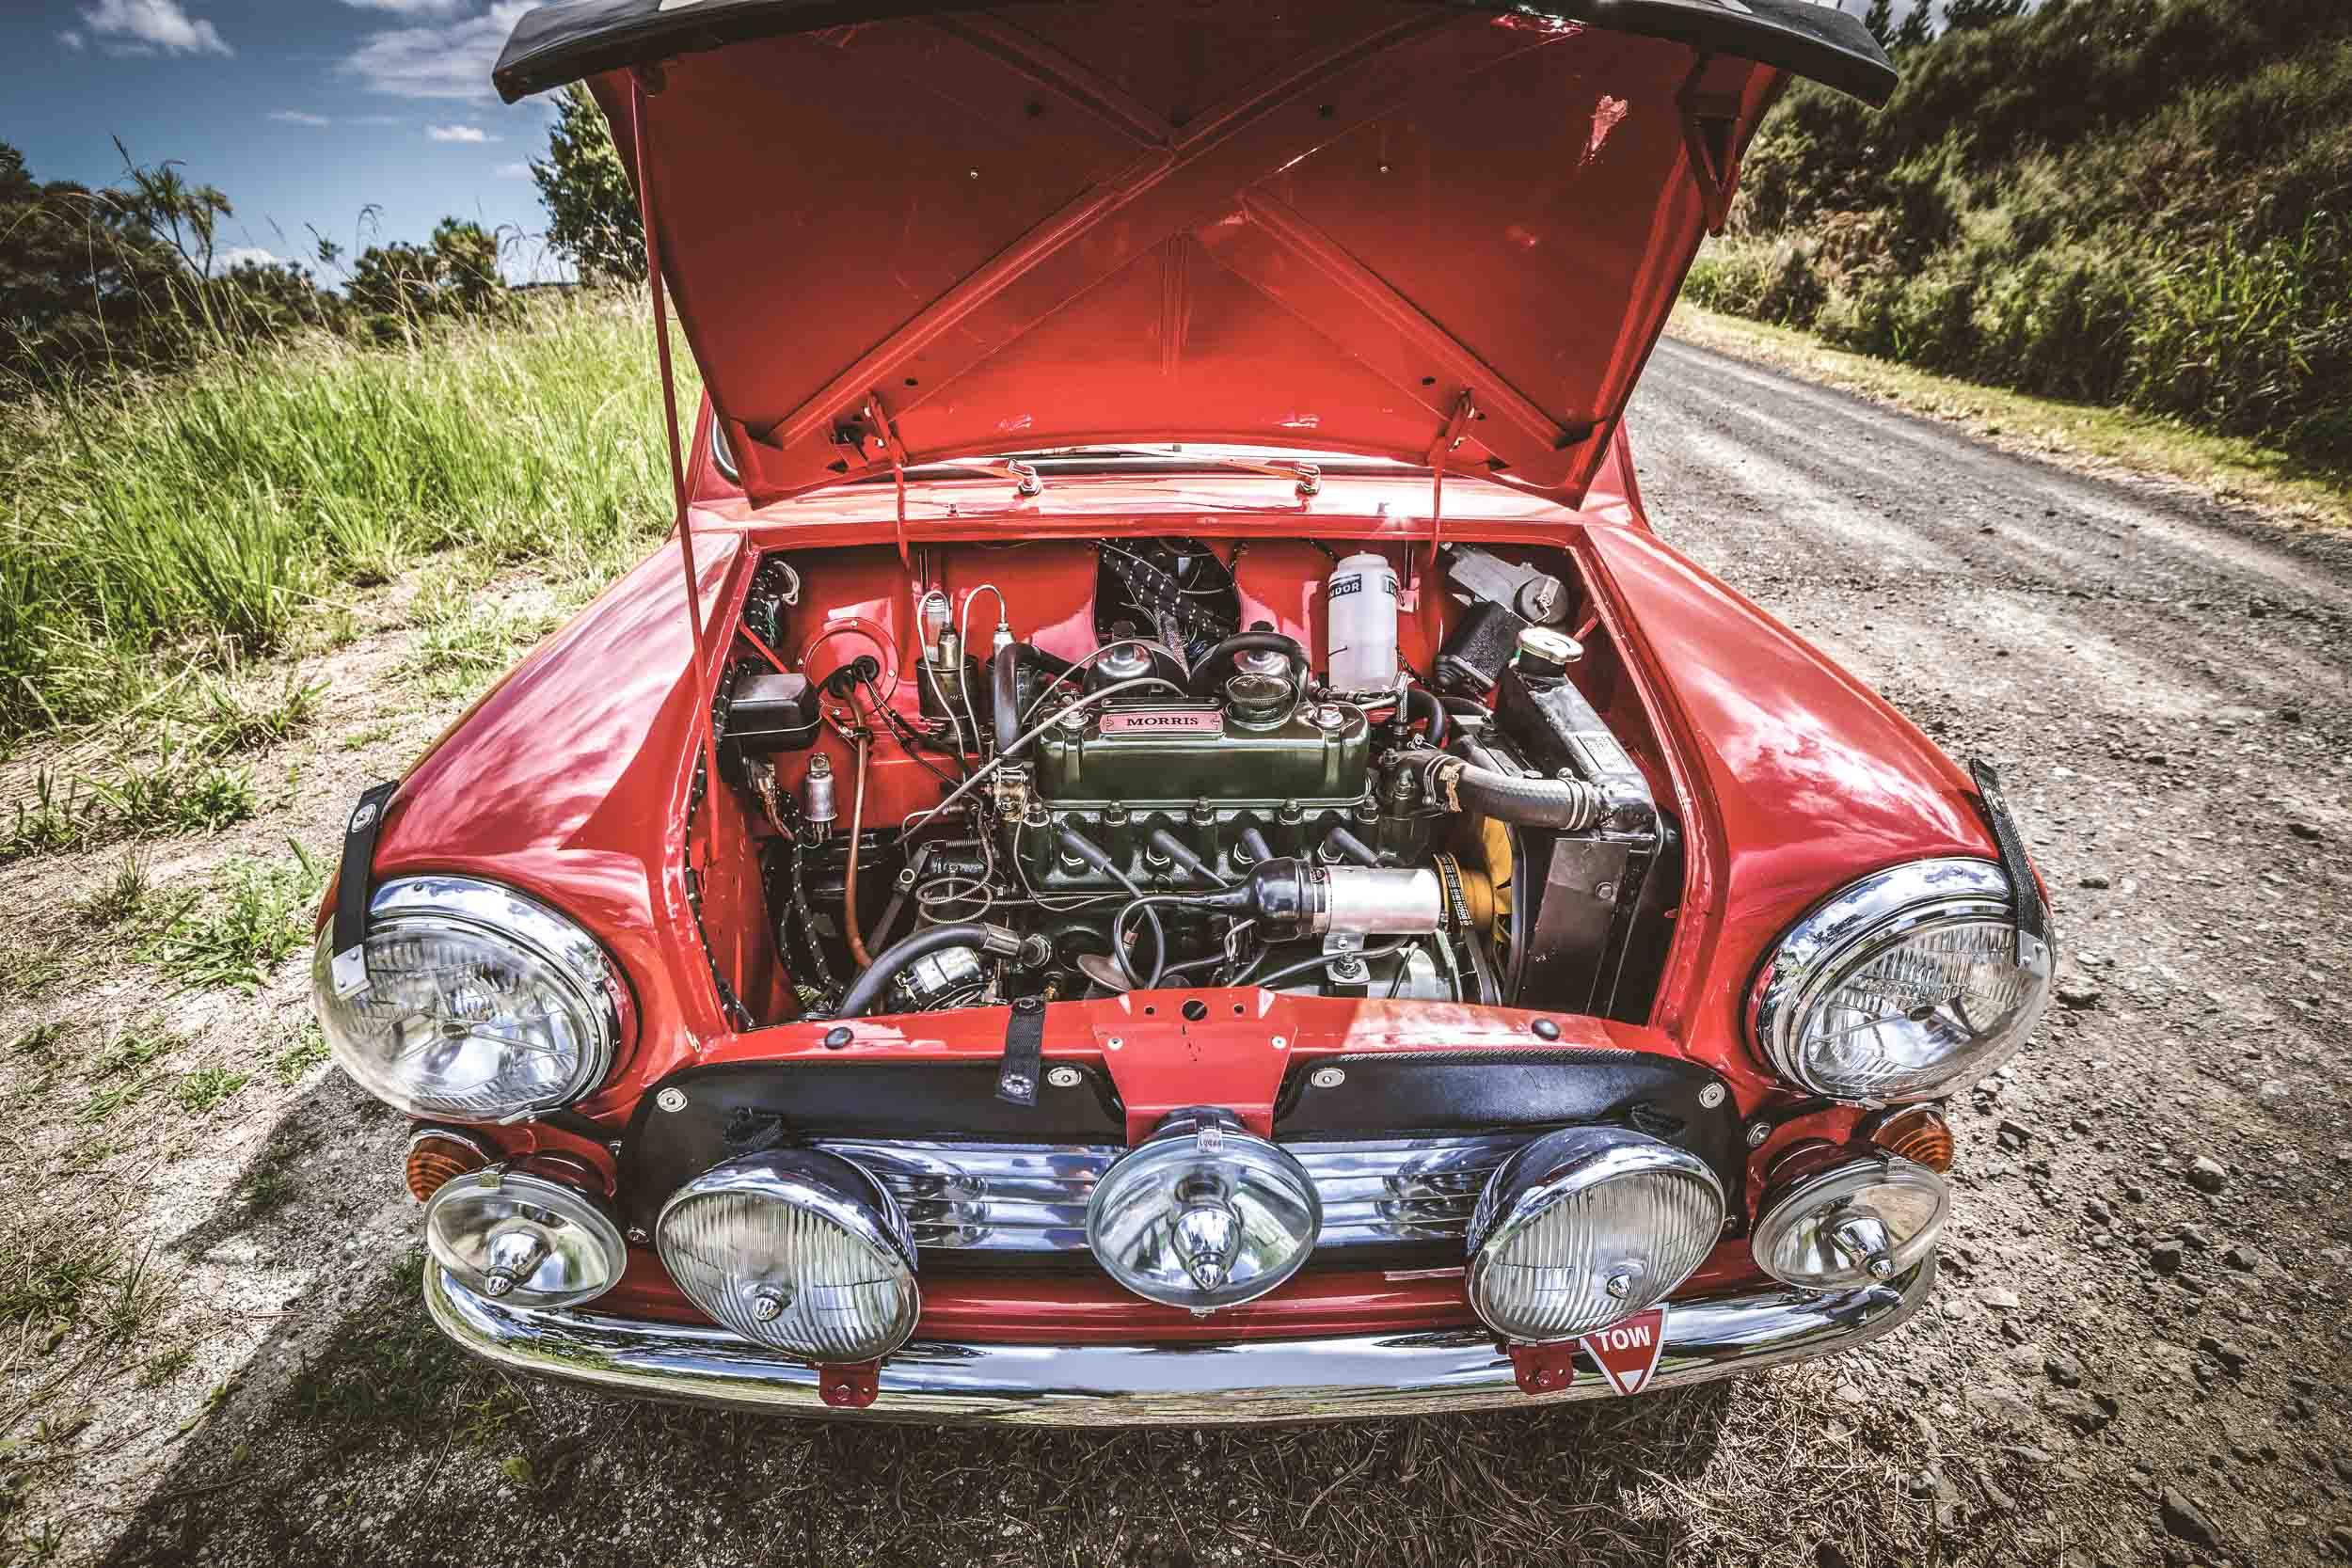 Mini cooper monte carlo -classic driver mag-camleggettphoto.jpg